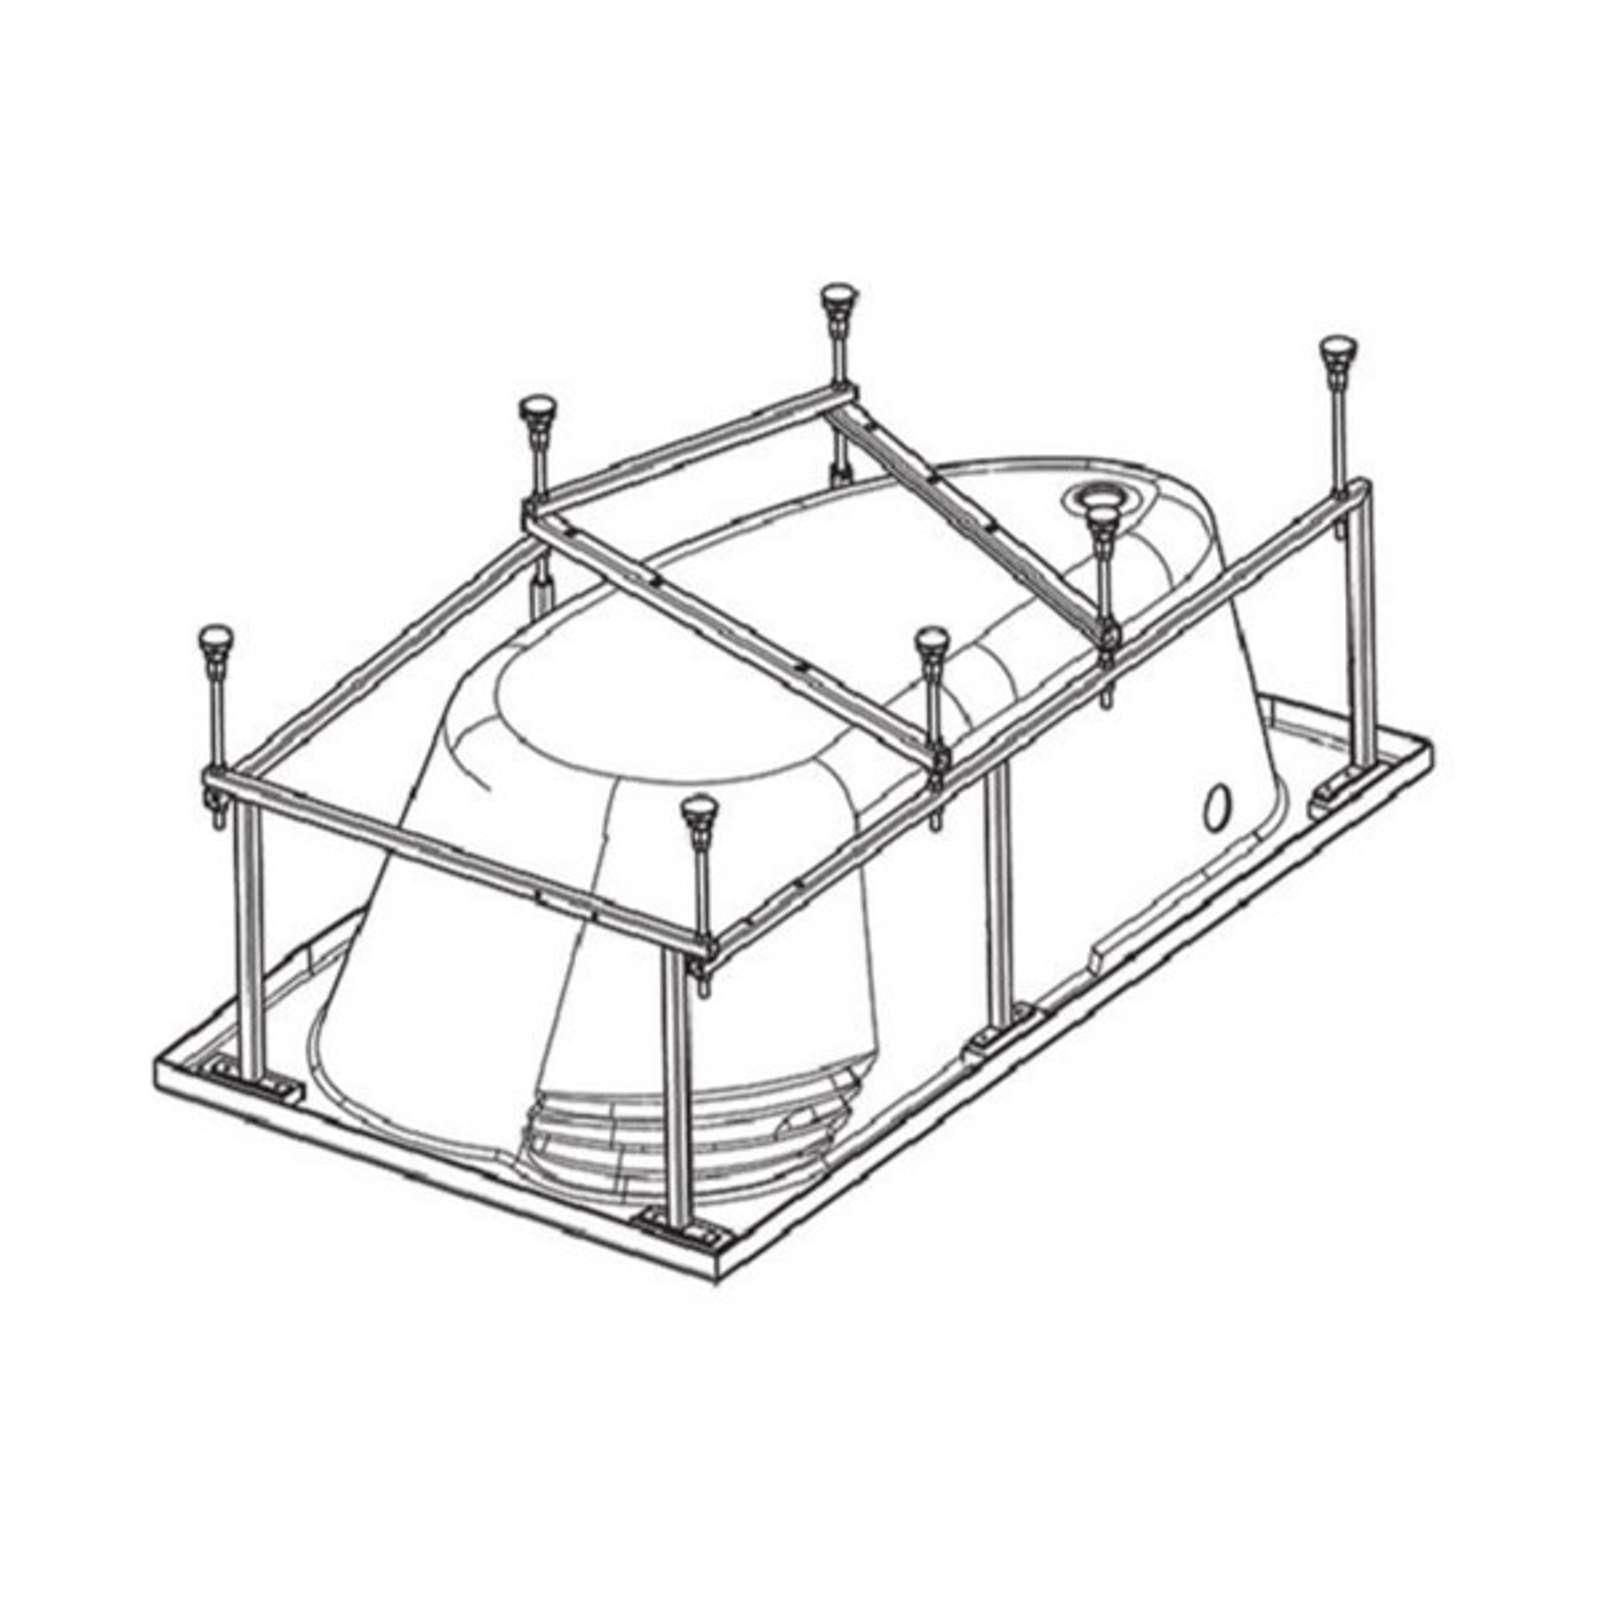 Монтажный комплект Santek к ванне Ибица XL 160х100 см